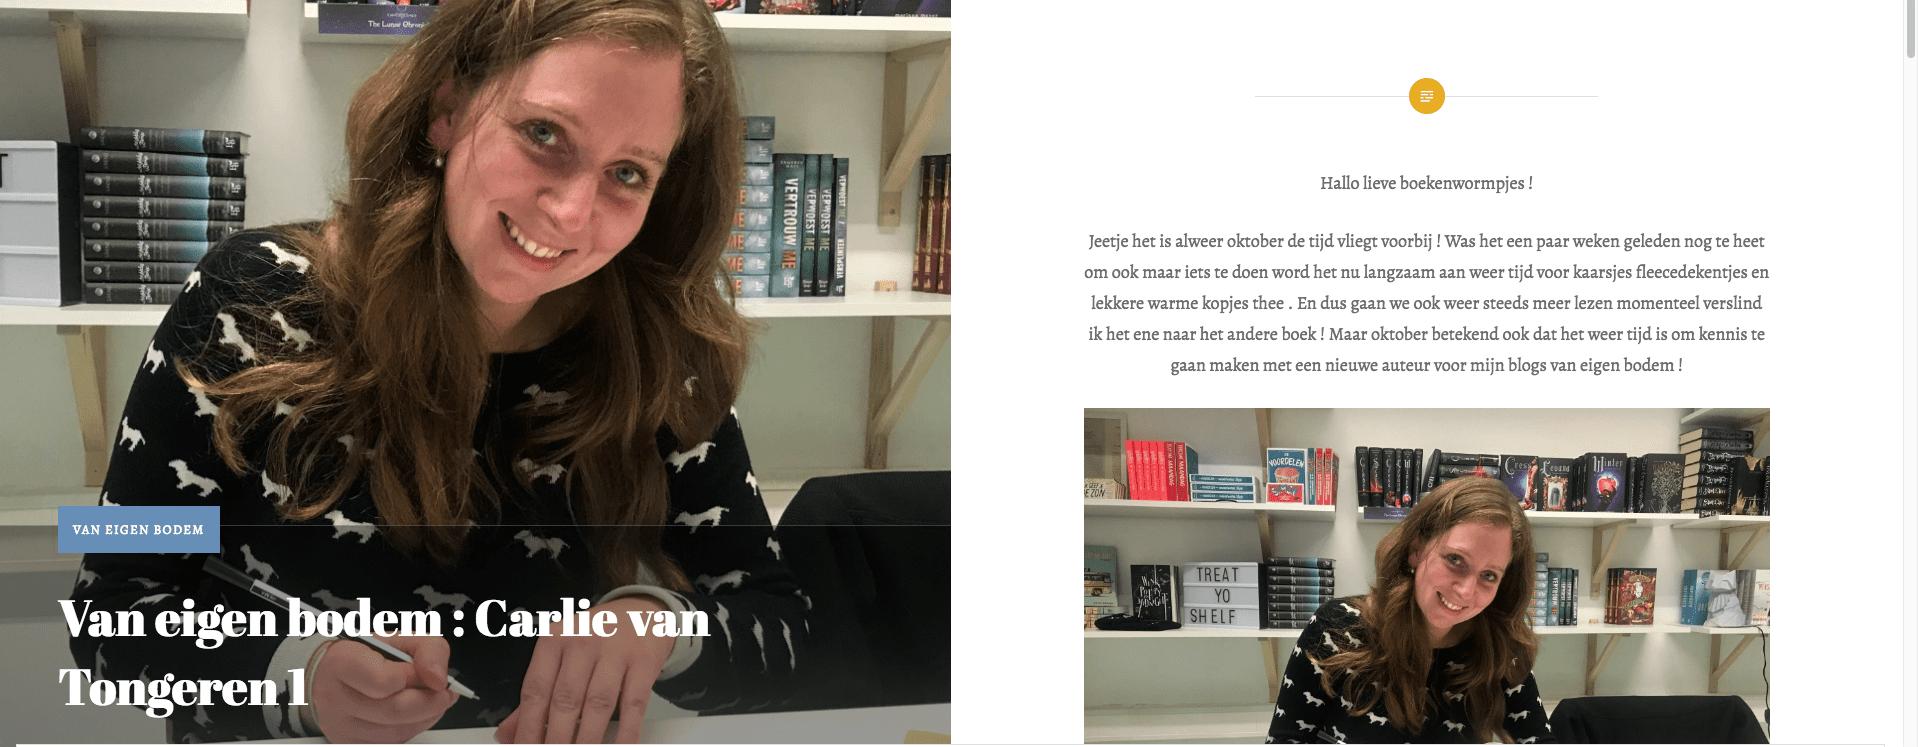 Carlie van Tongeren is auteur van eigen bodem bij Bookstamel